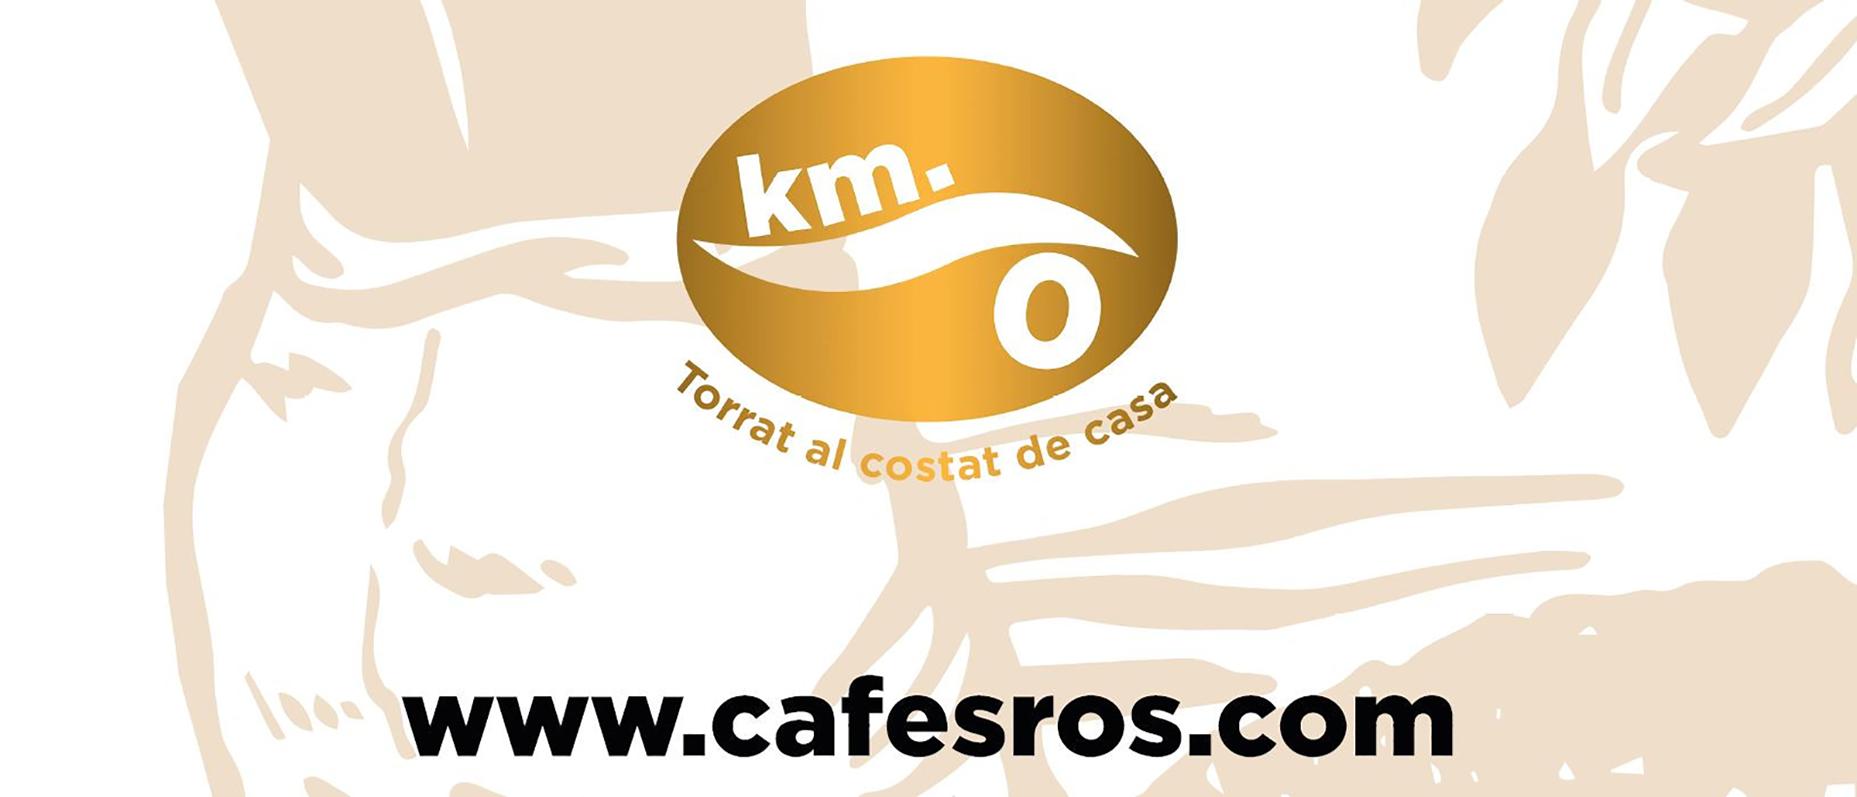 Cafès Ros Km 0